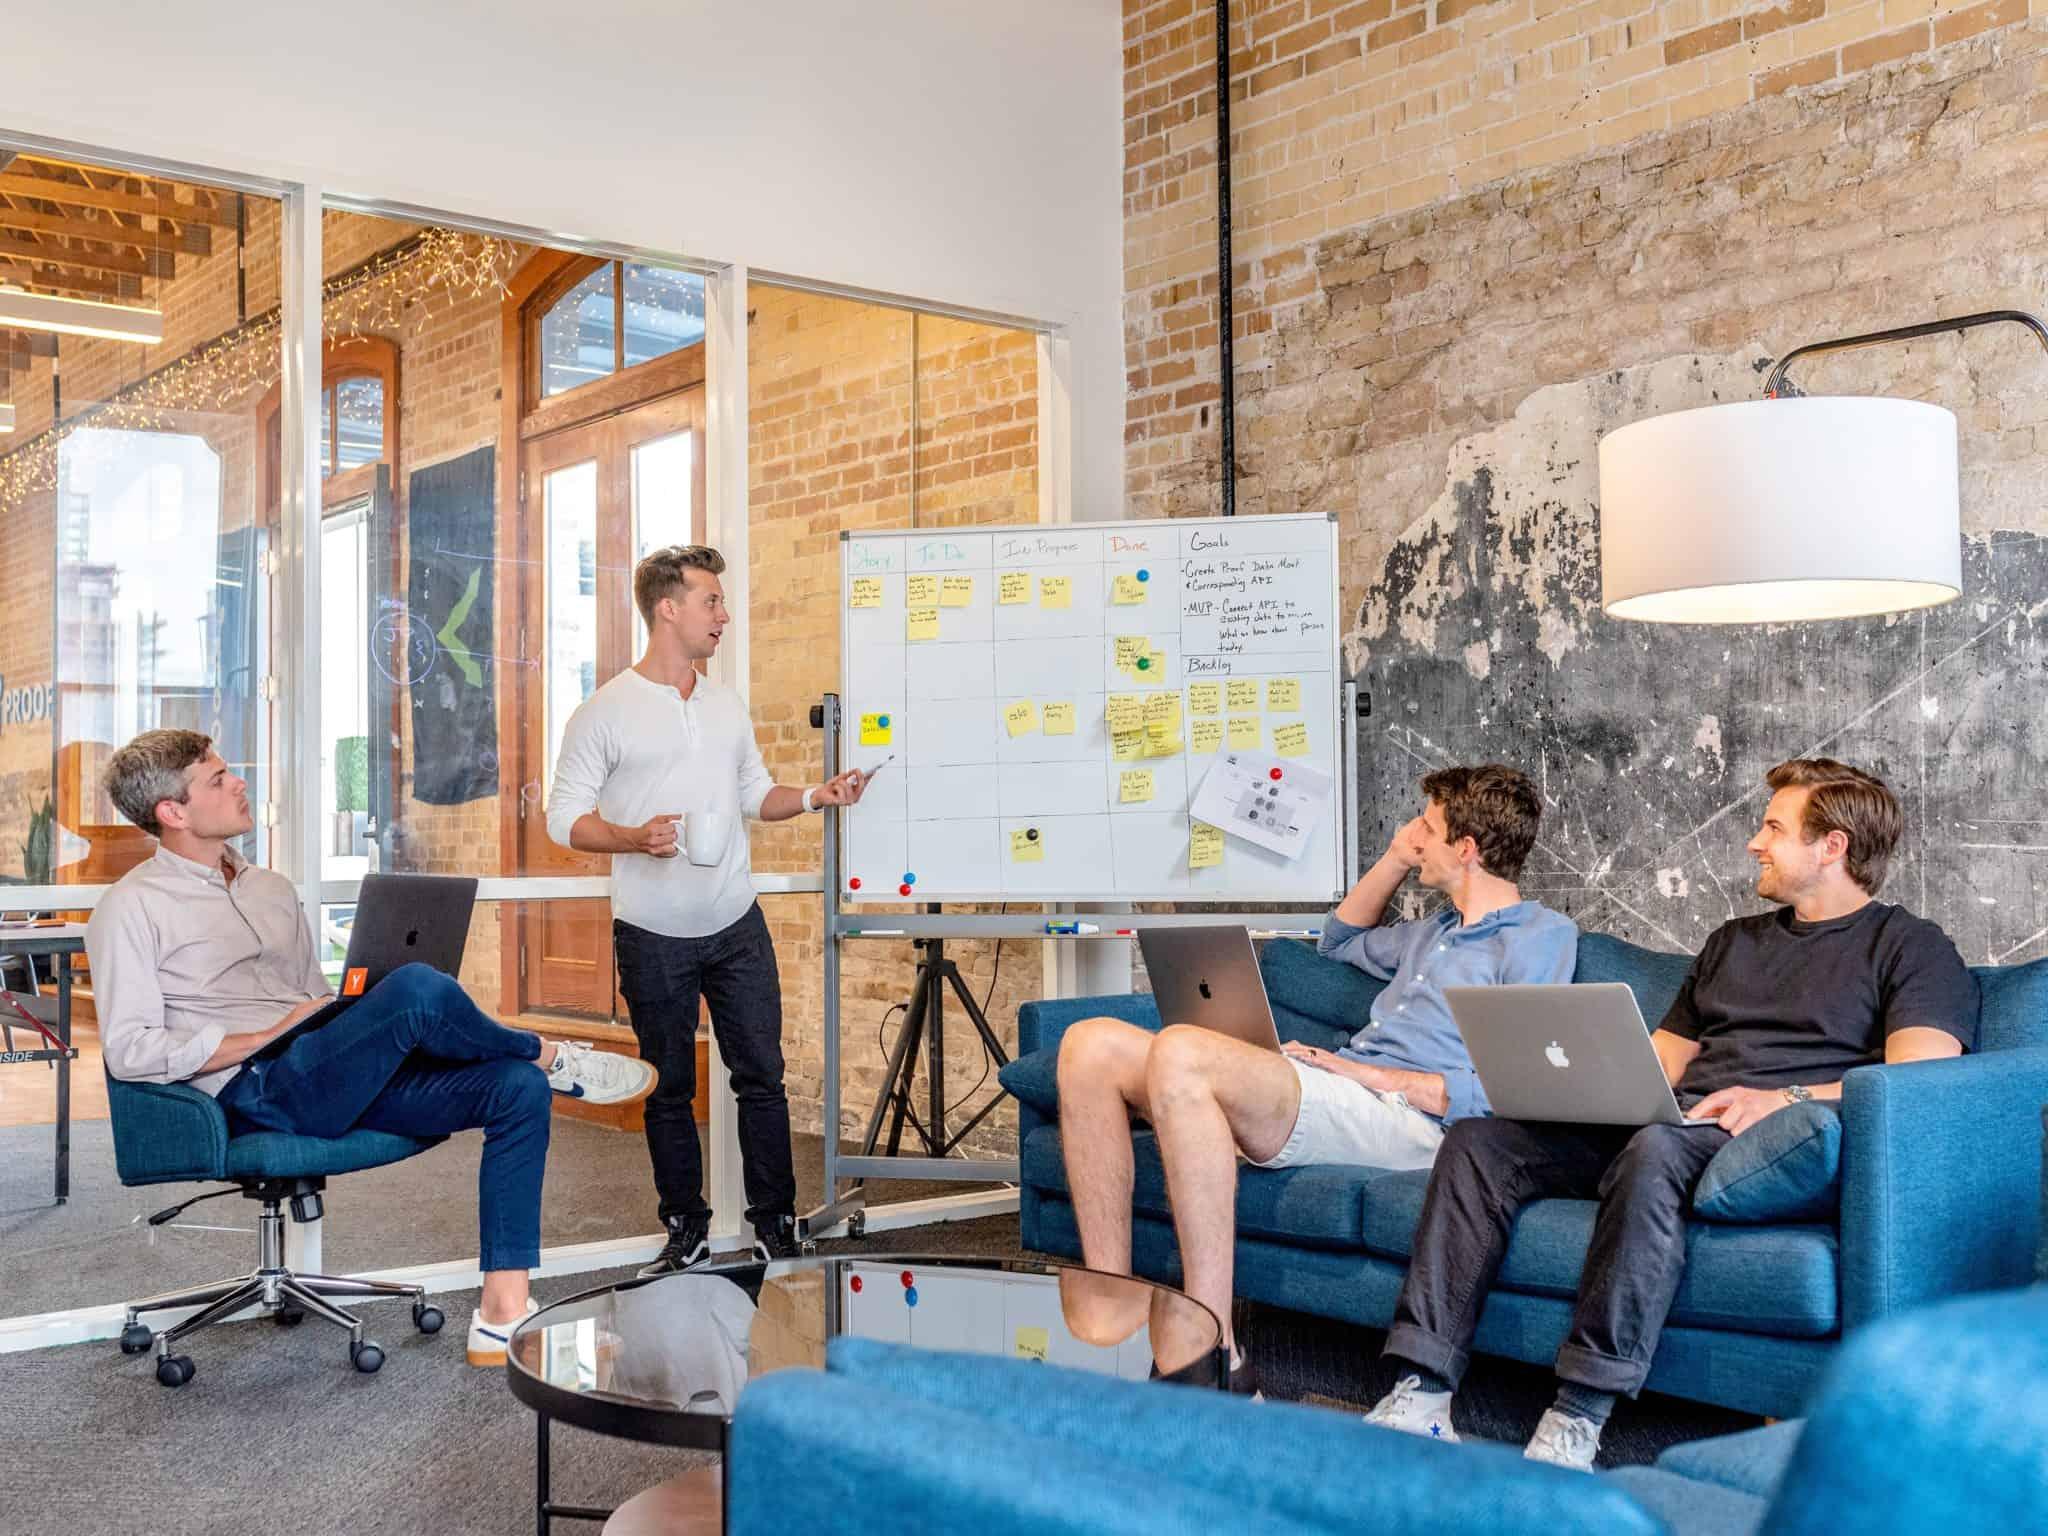 Führung, Teamleiter erklärt dem Team seine Vision